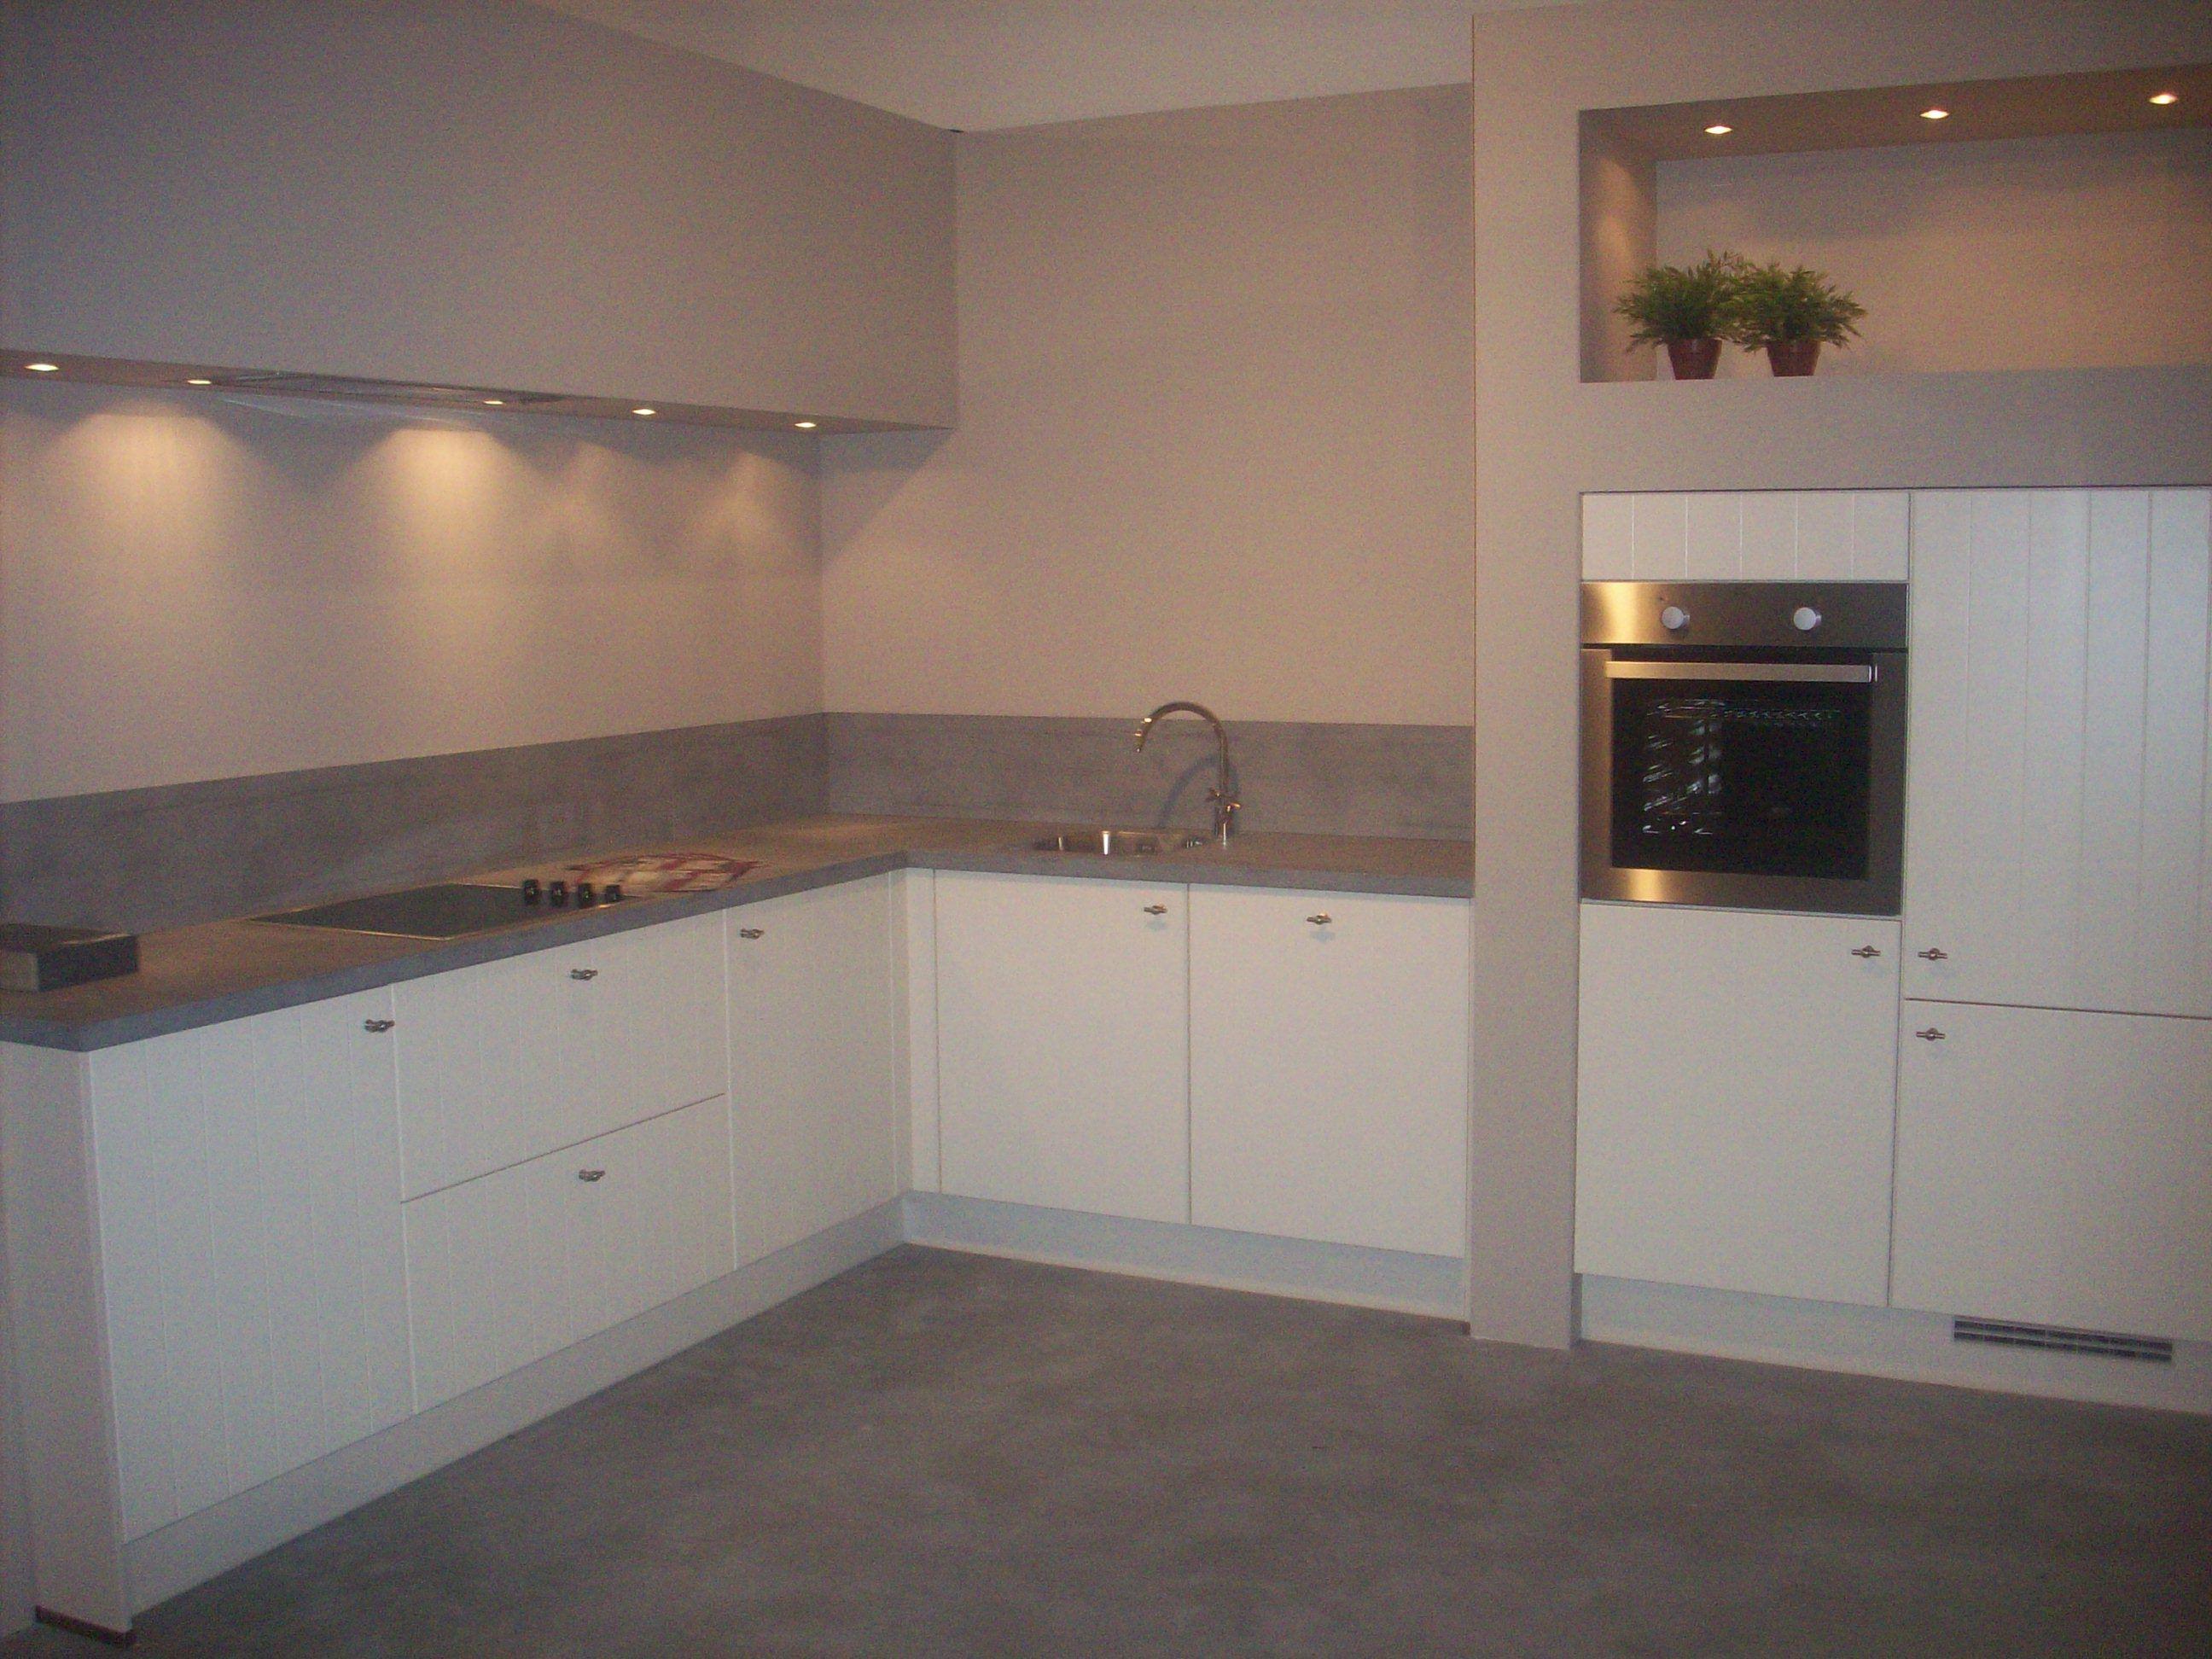 De voordeligste woonwinkel van nederland tijdloze keuken 48515 - Afbeelding van keuken amenagee ...